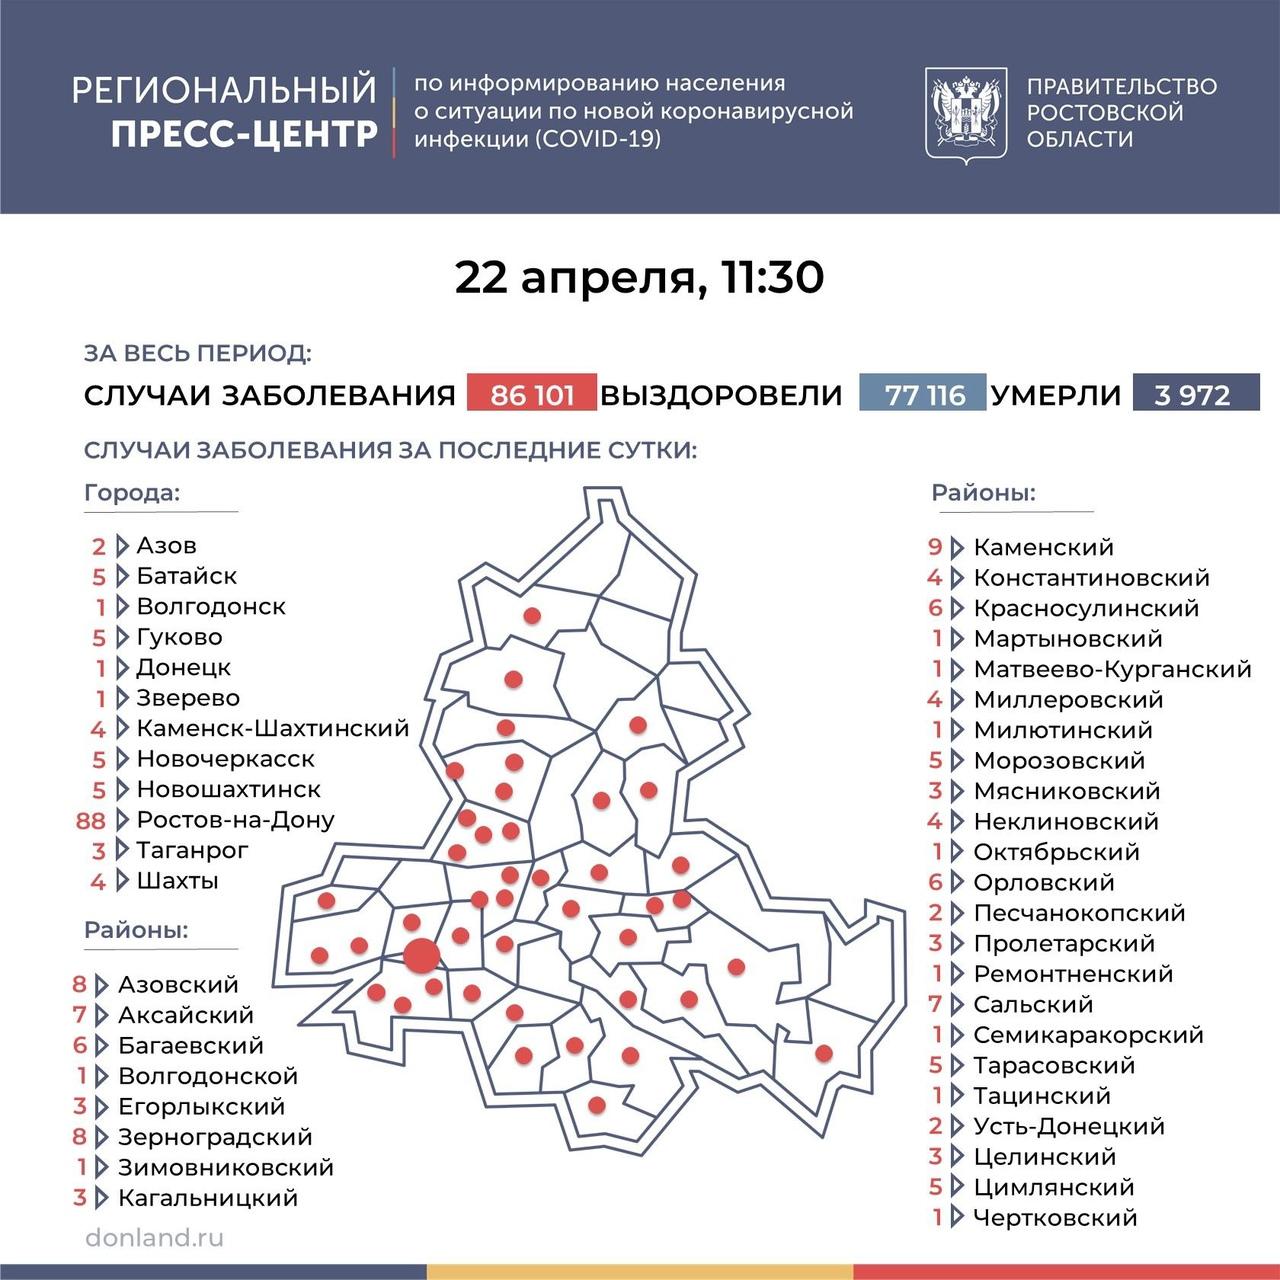 На Дону число инфицированных COVID-19 составляет 237, в Таганроге 3 новых случая